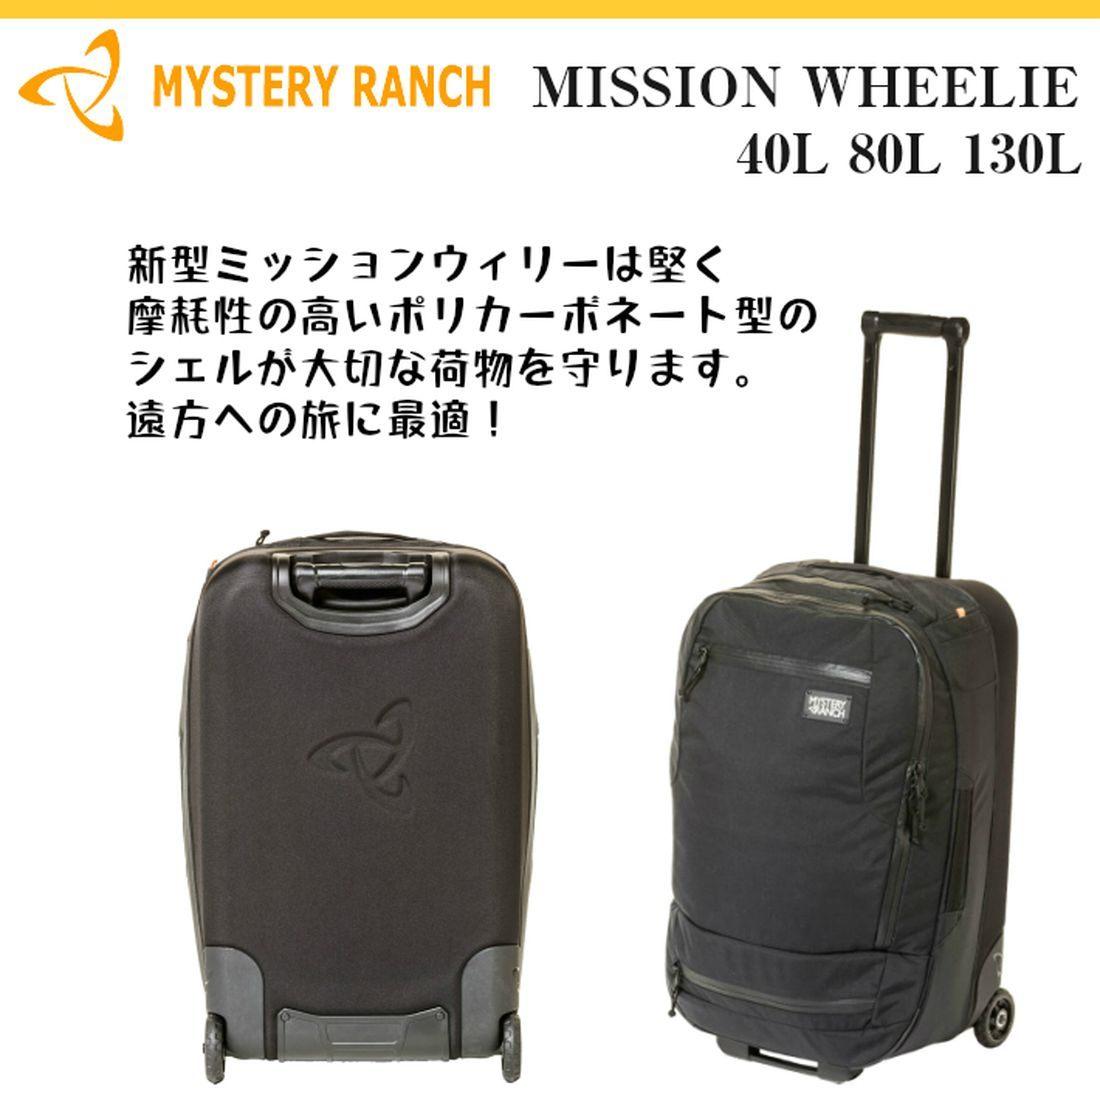 ミステリーランチ ミッションウィリー 40 2020MODEL バック  2020モデル 国内正規品